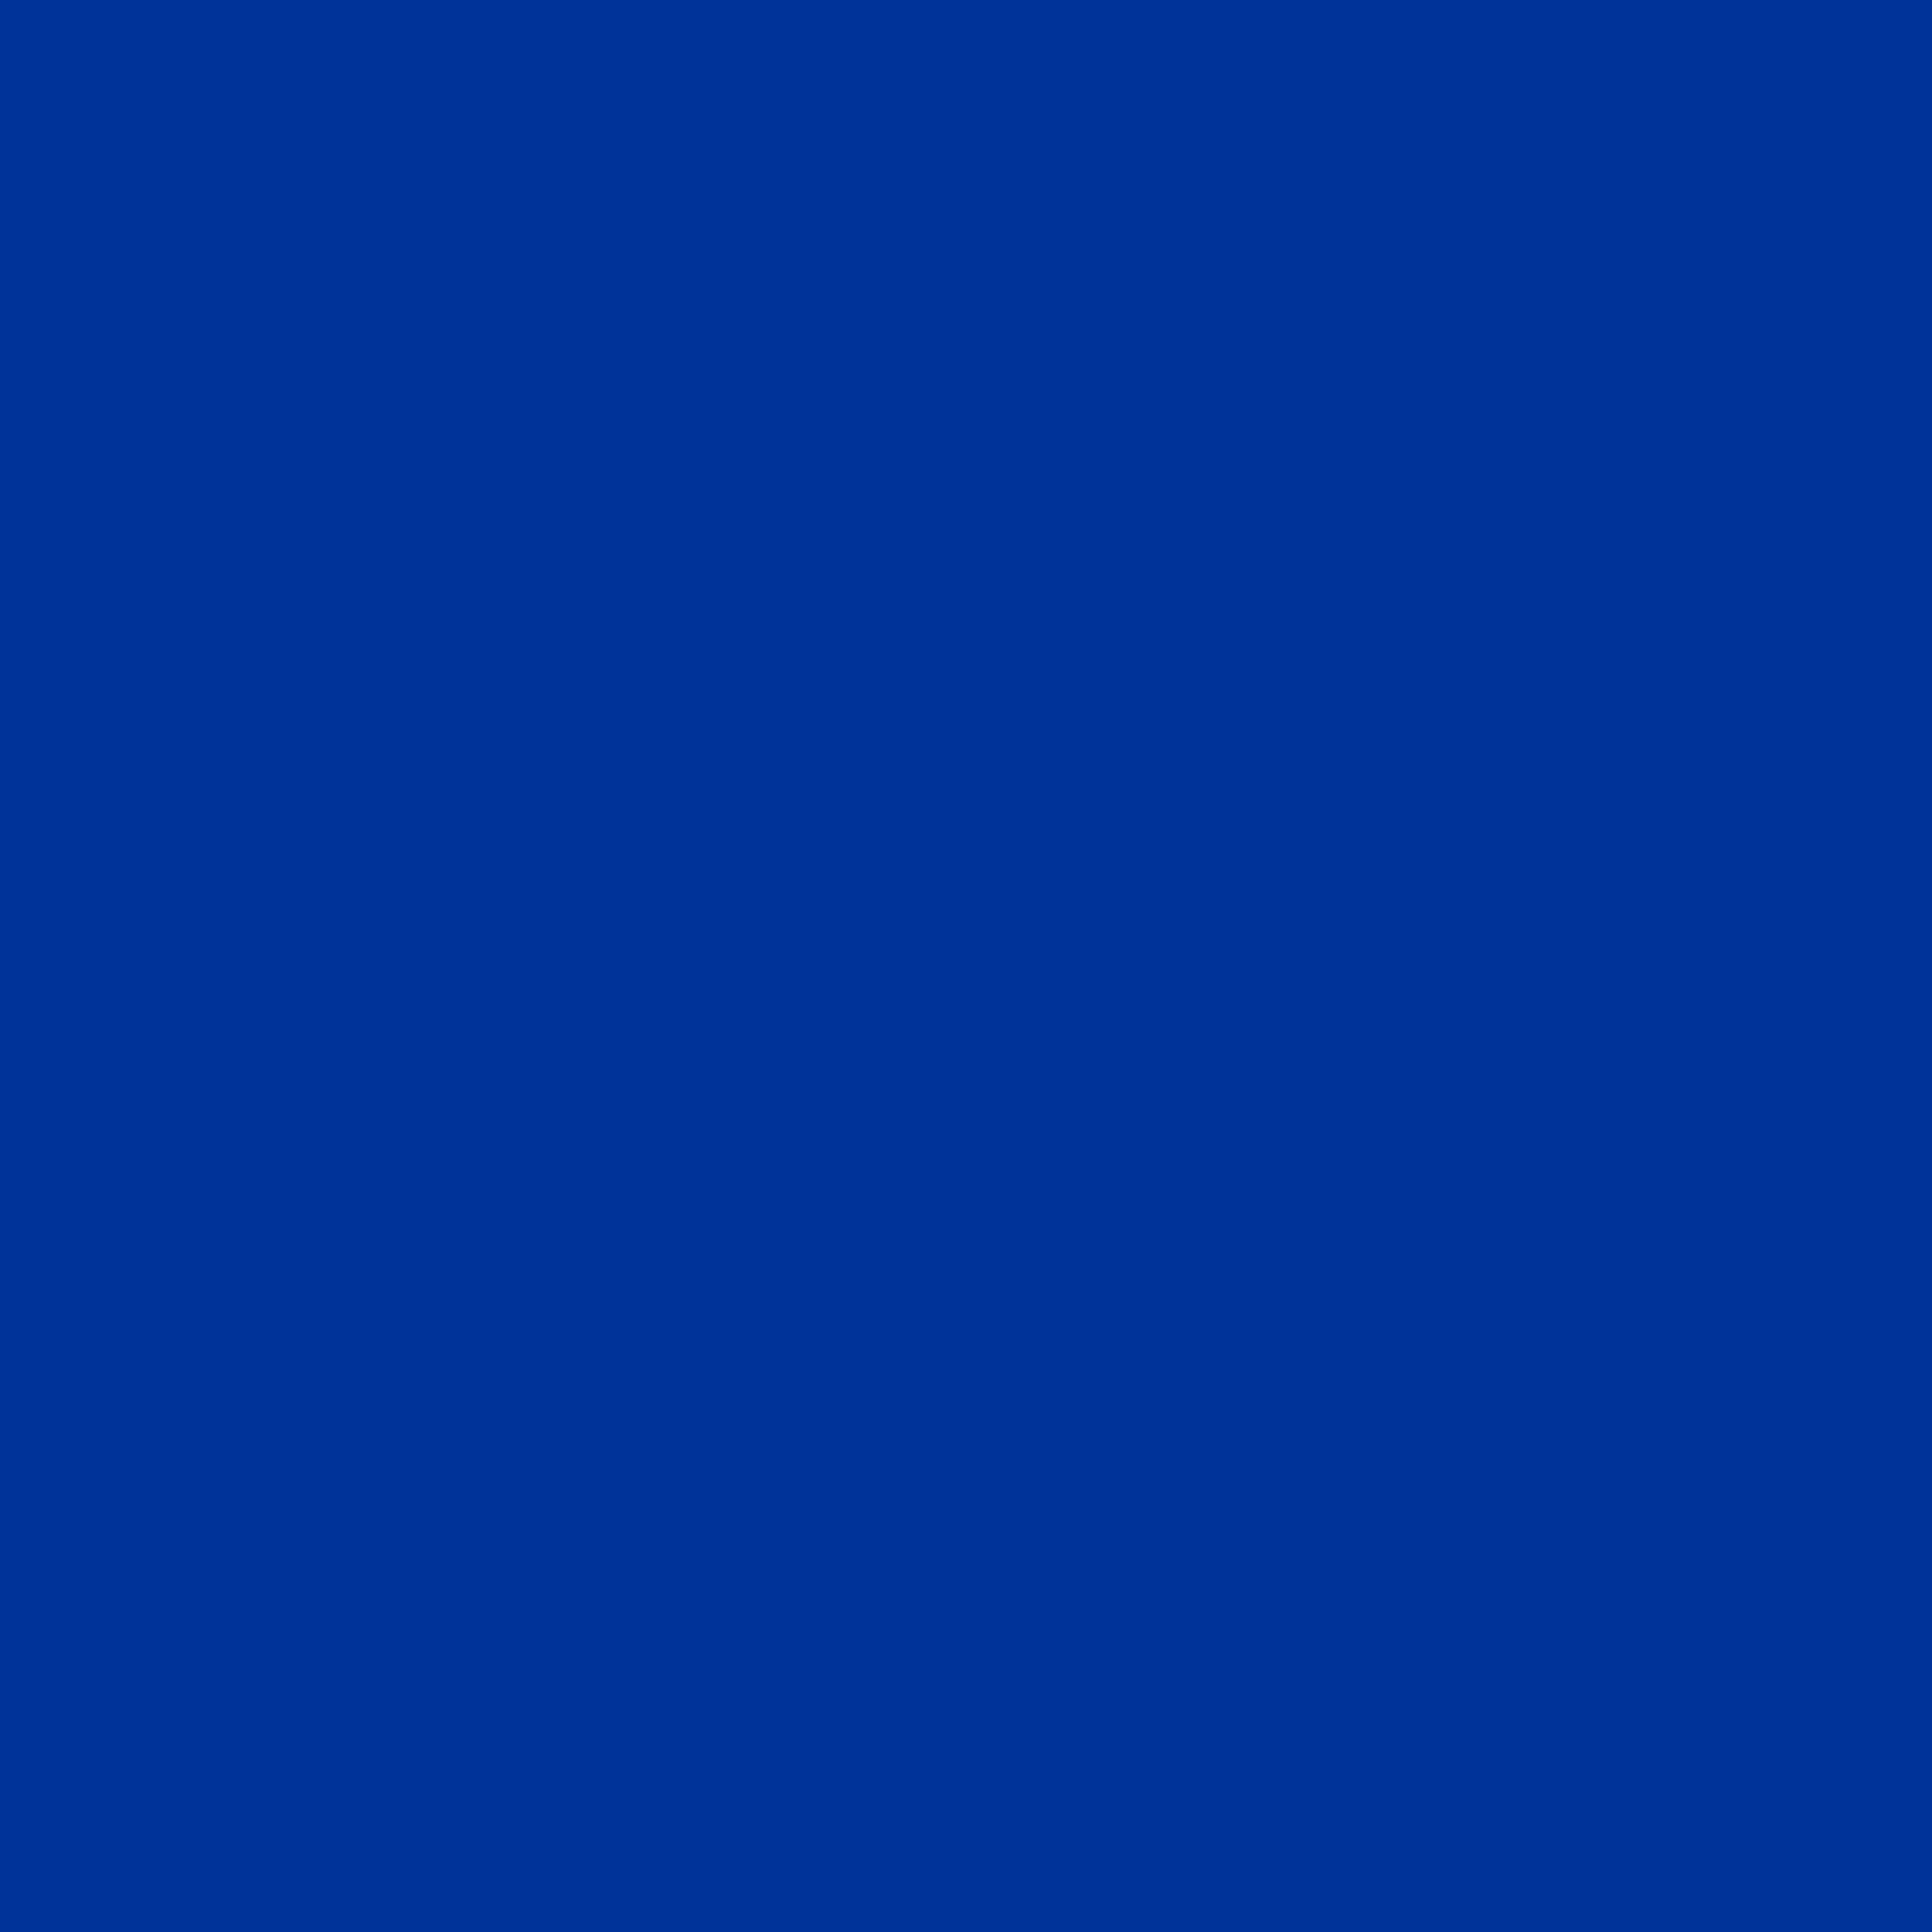 Blau-hellblau/klares Glas